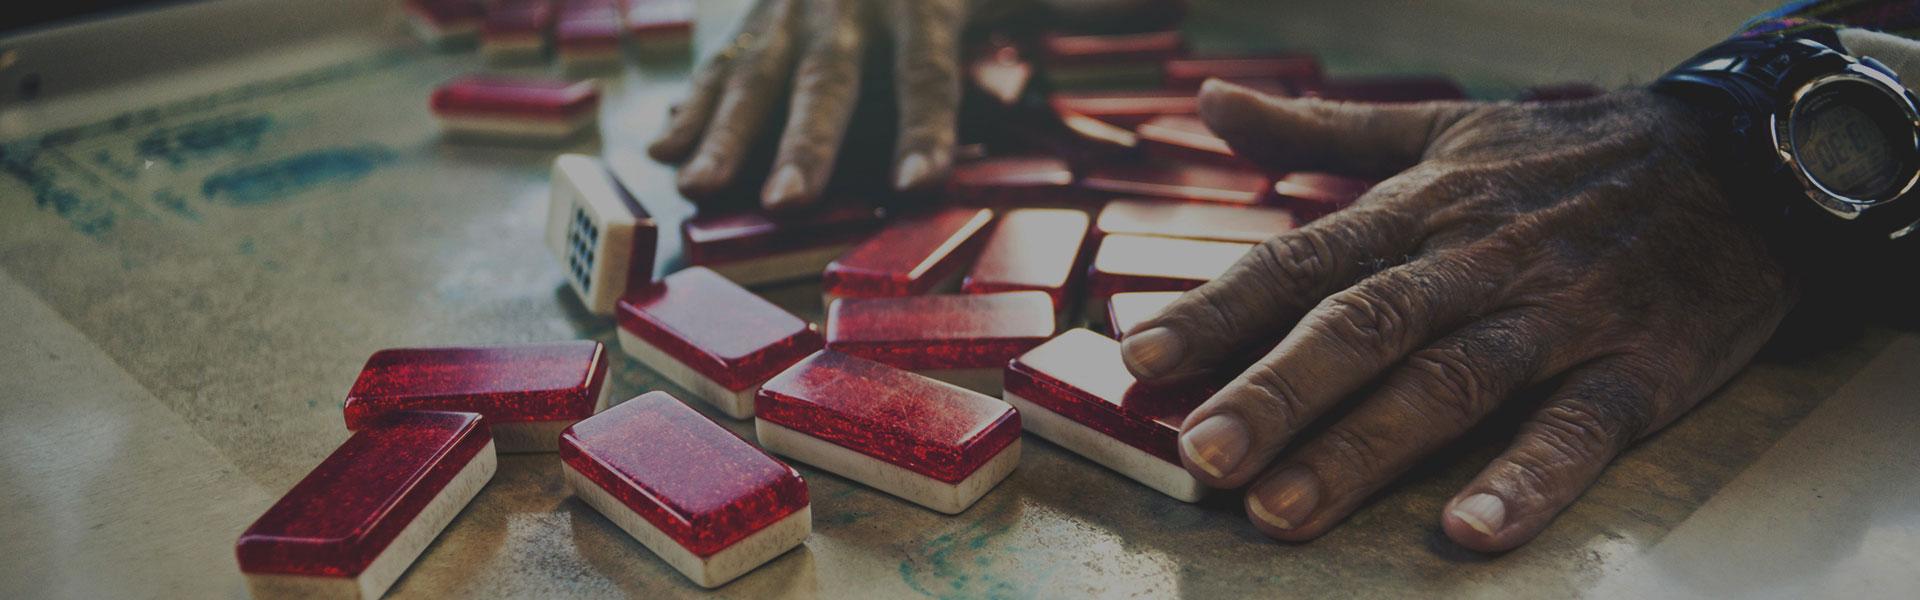 Jugando al dominó en La Pequeña Habana